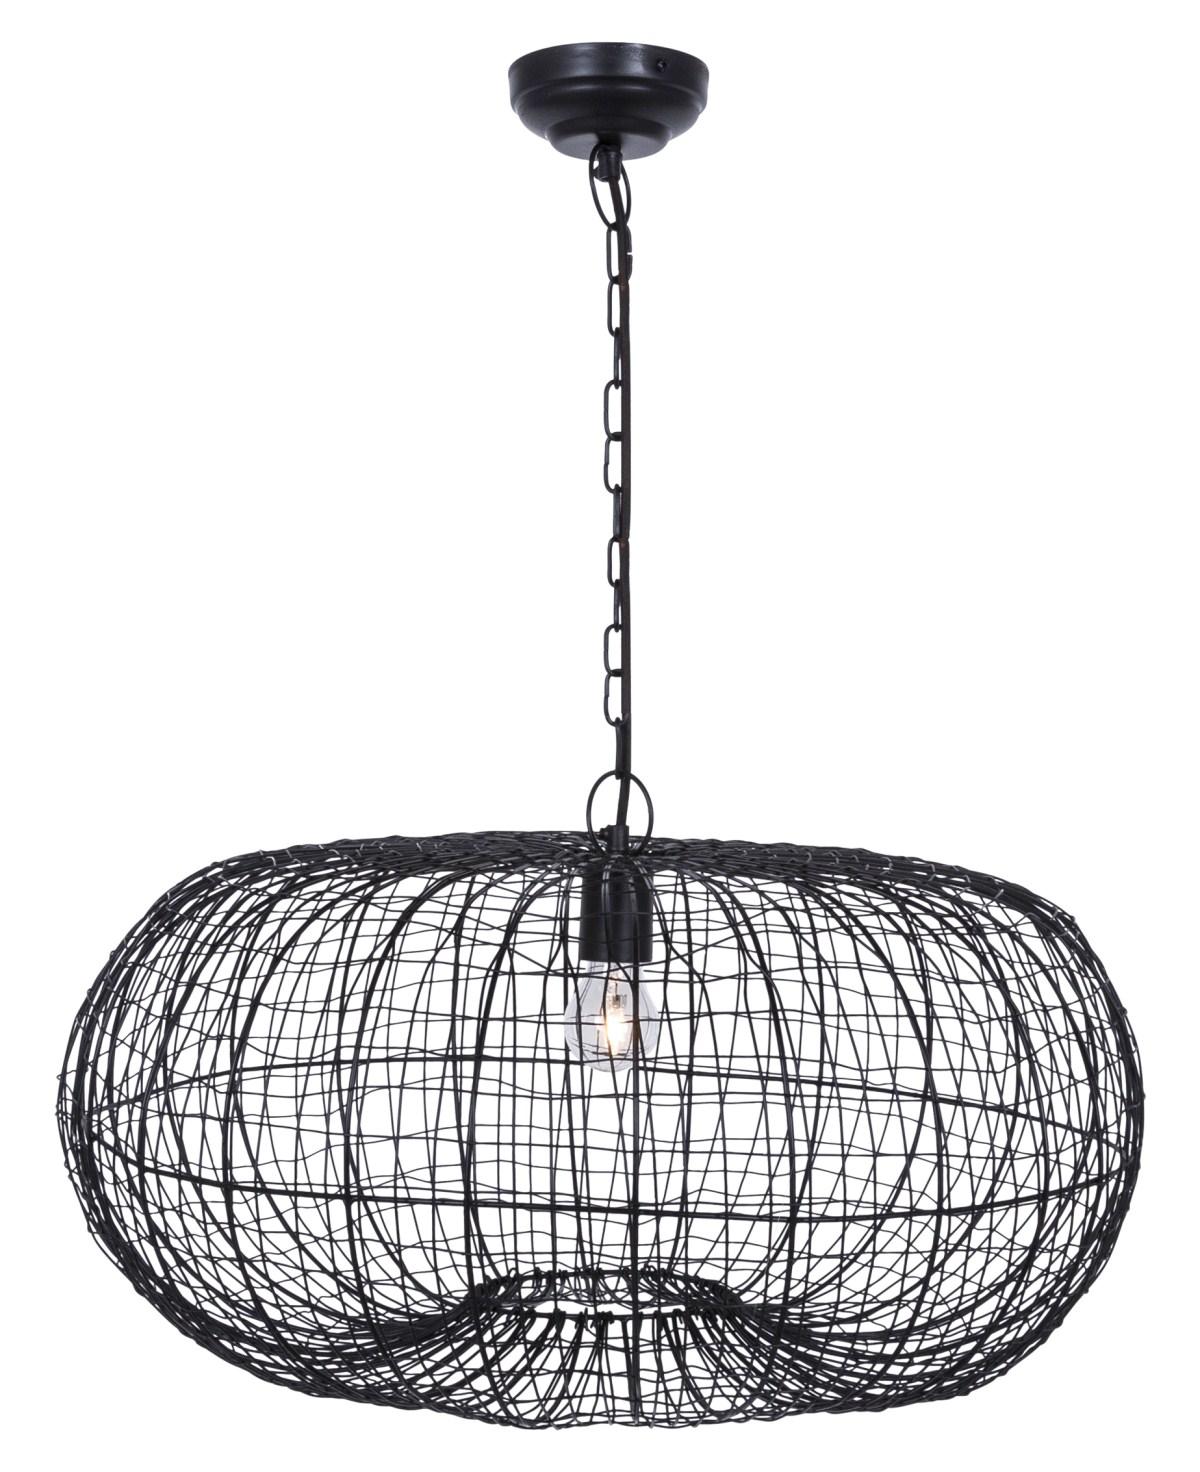 Image of   CANETT Oscar hængelampe - Sort